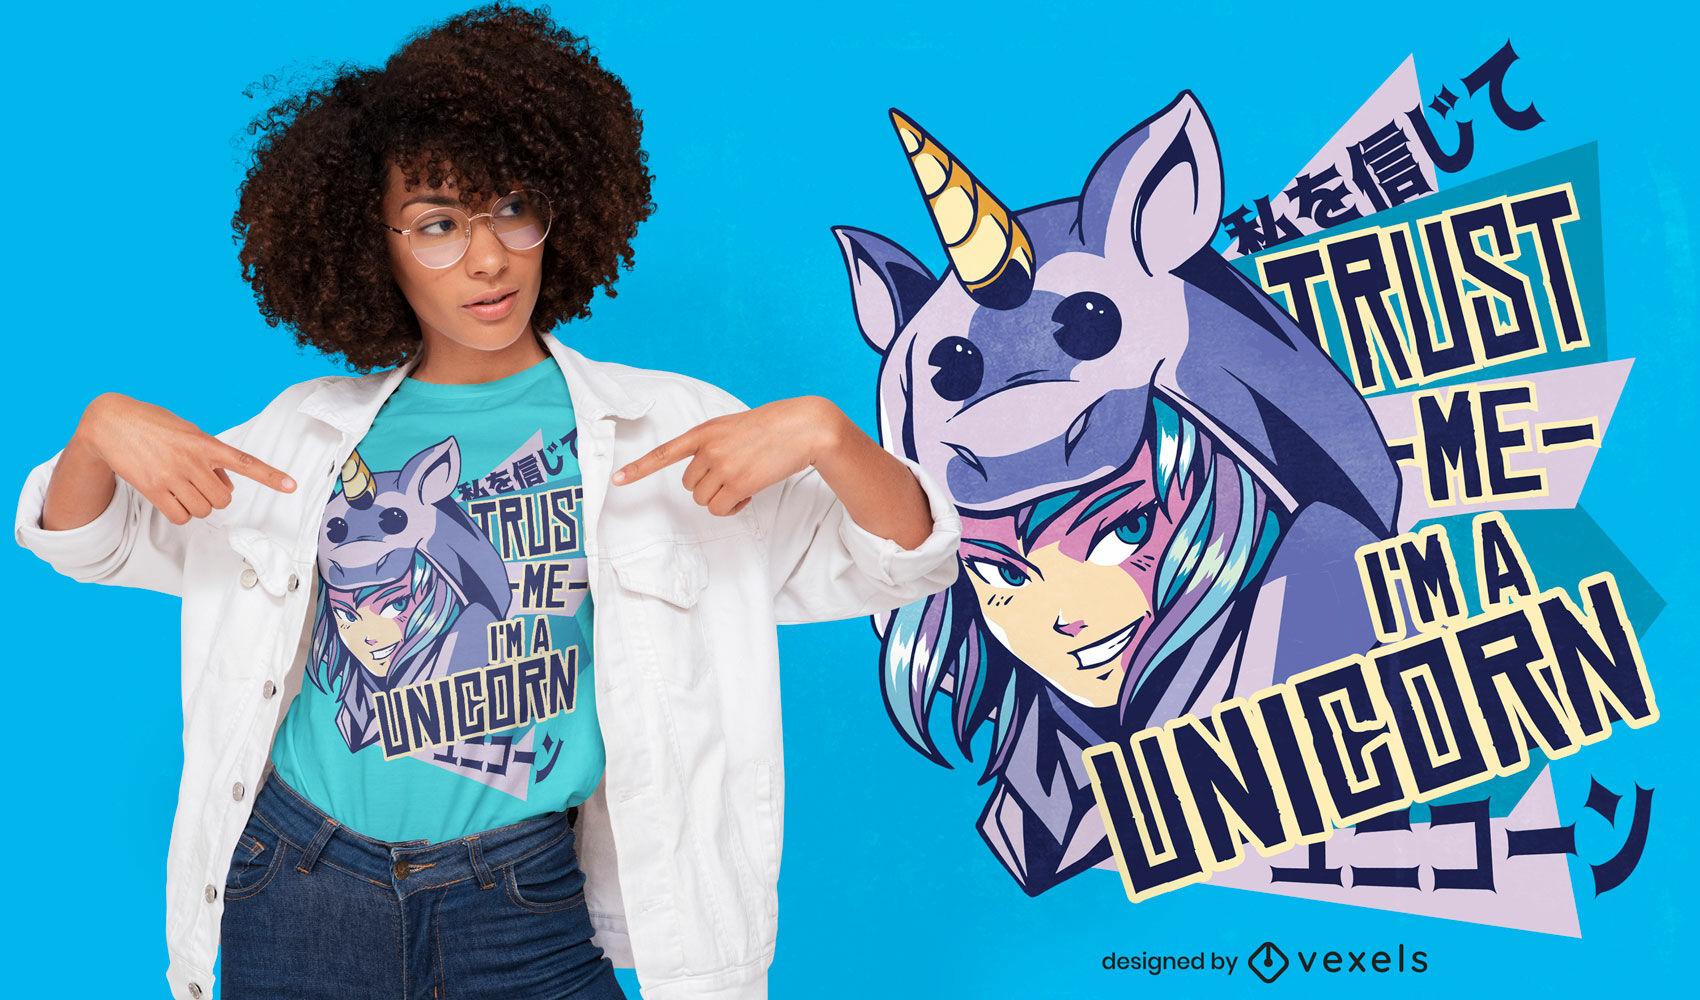 Garota anime com design de camiseta fantasia de unicórnio